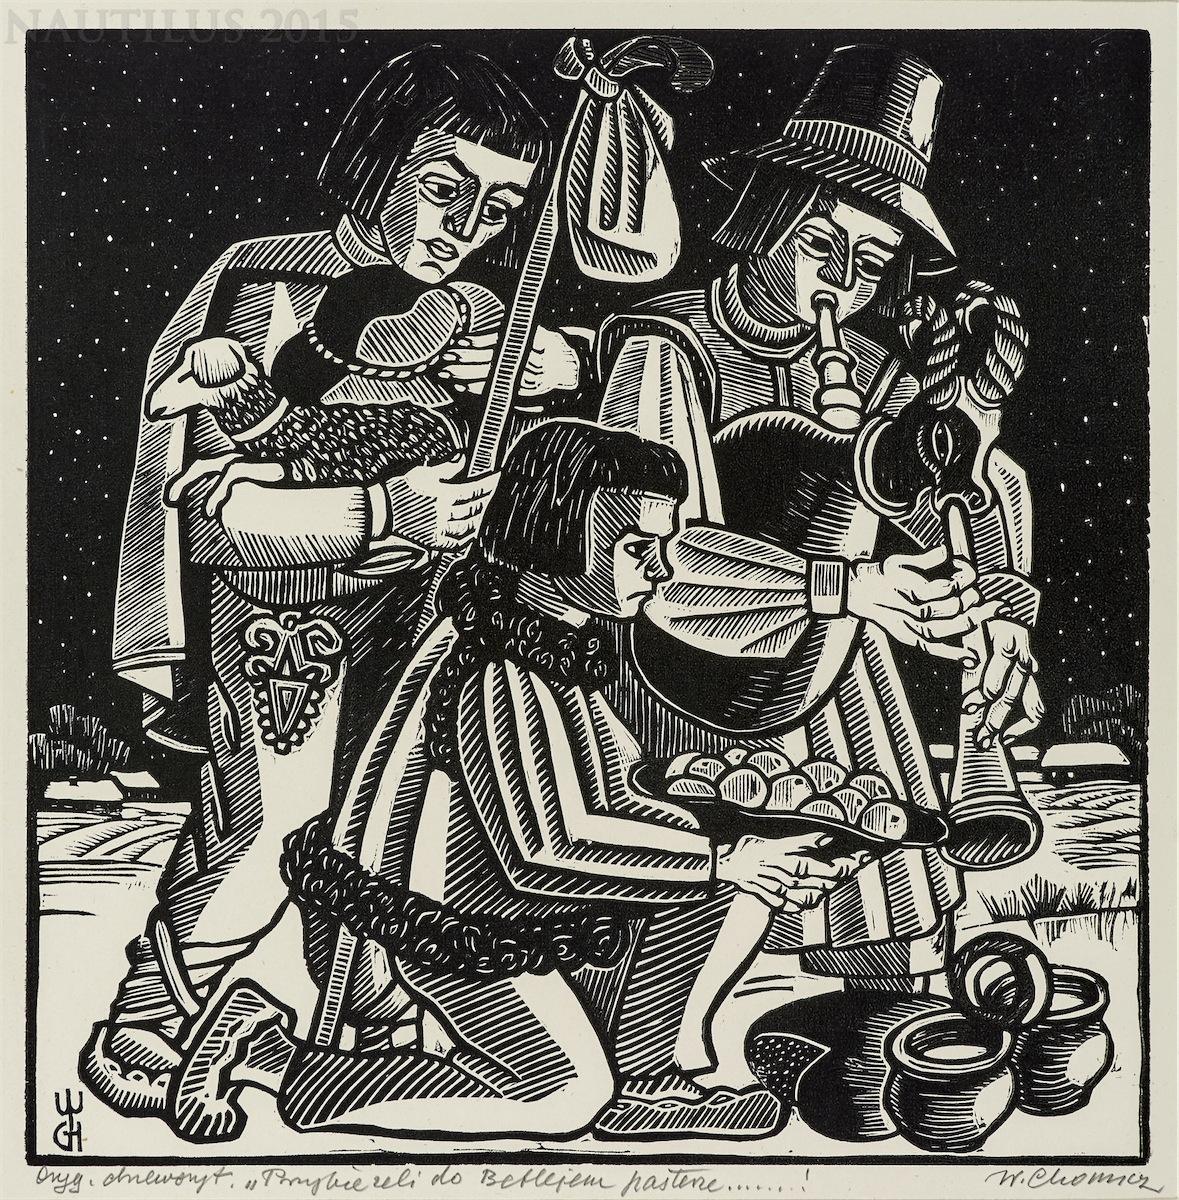 Pastorałka I - Przybieżeli do Betlejem pasterz..., 1931